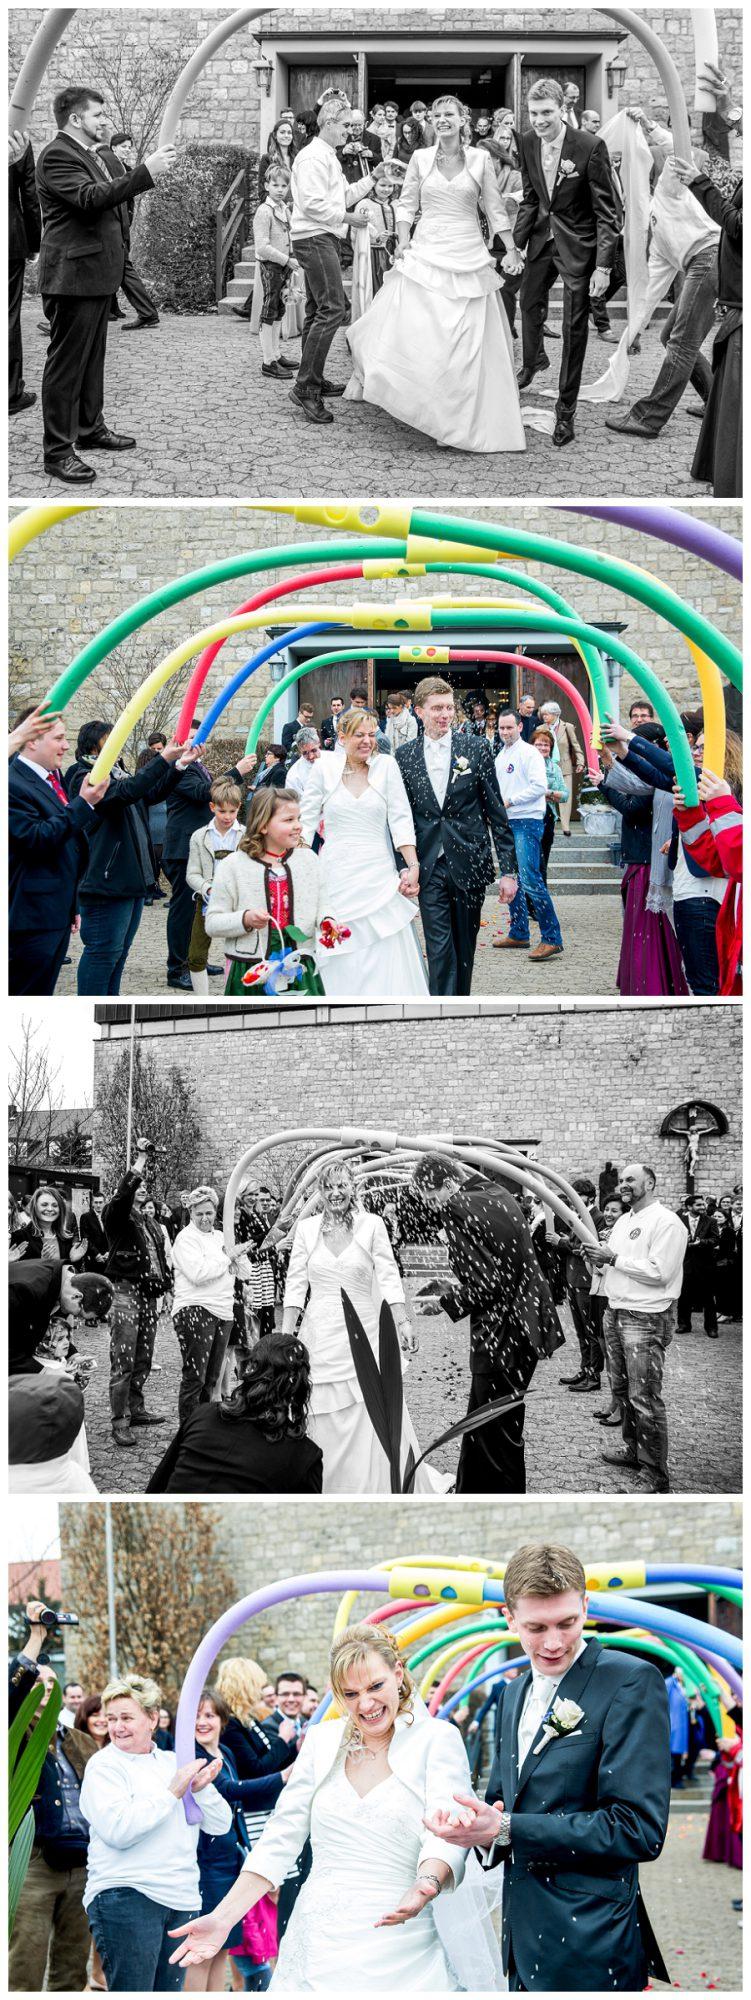 ClaudiaPelnyFotografie_Hochzeit_Bamberg_Nuernberg_Forchheim_0028